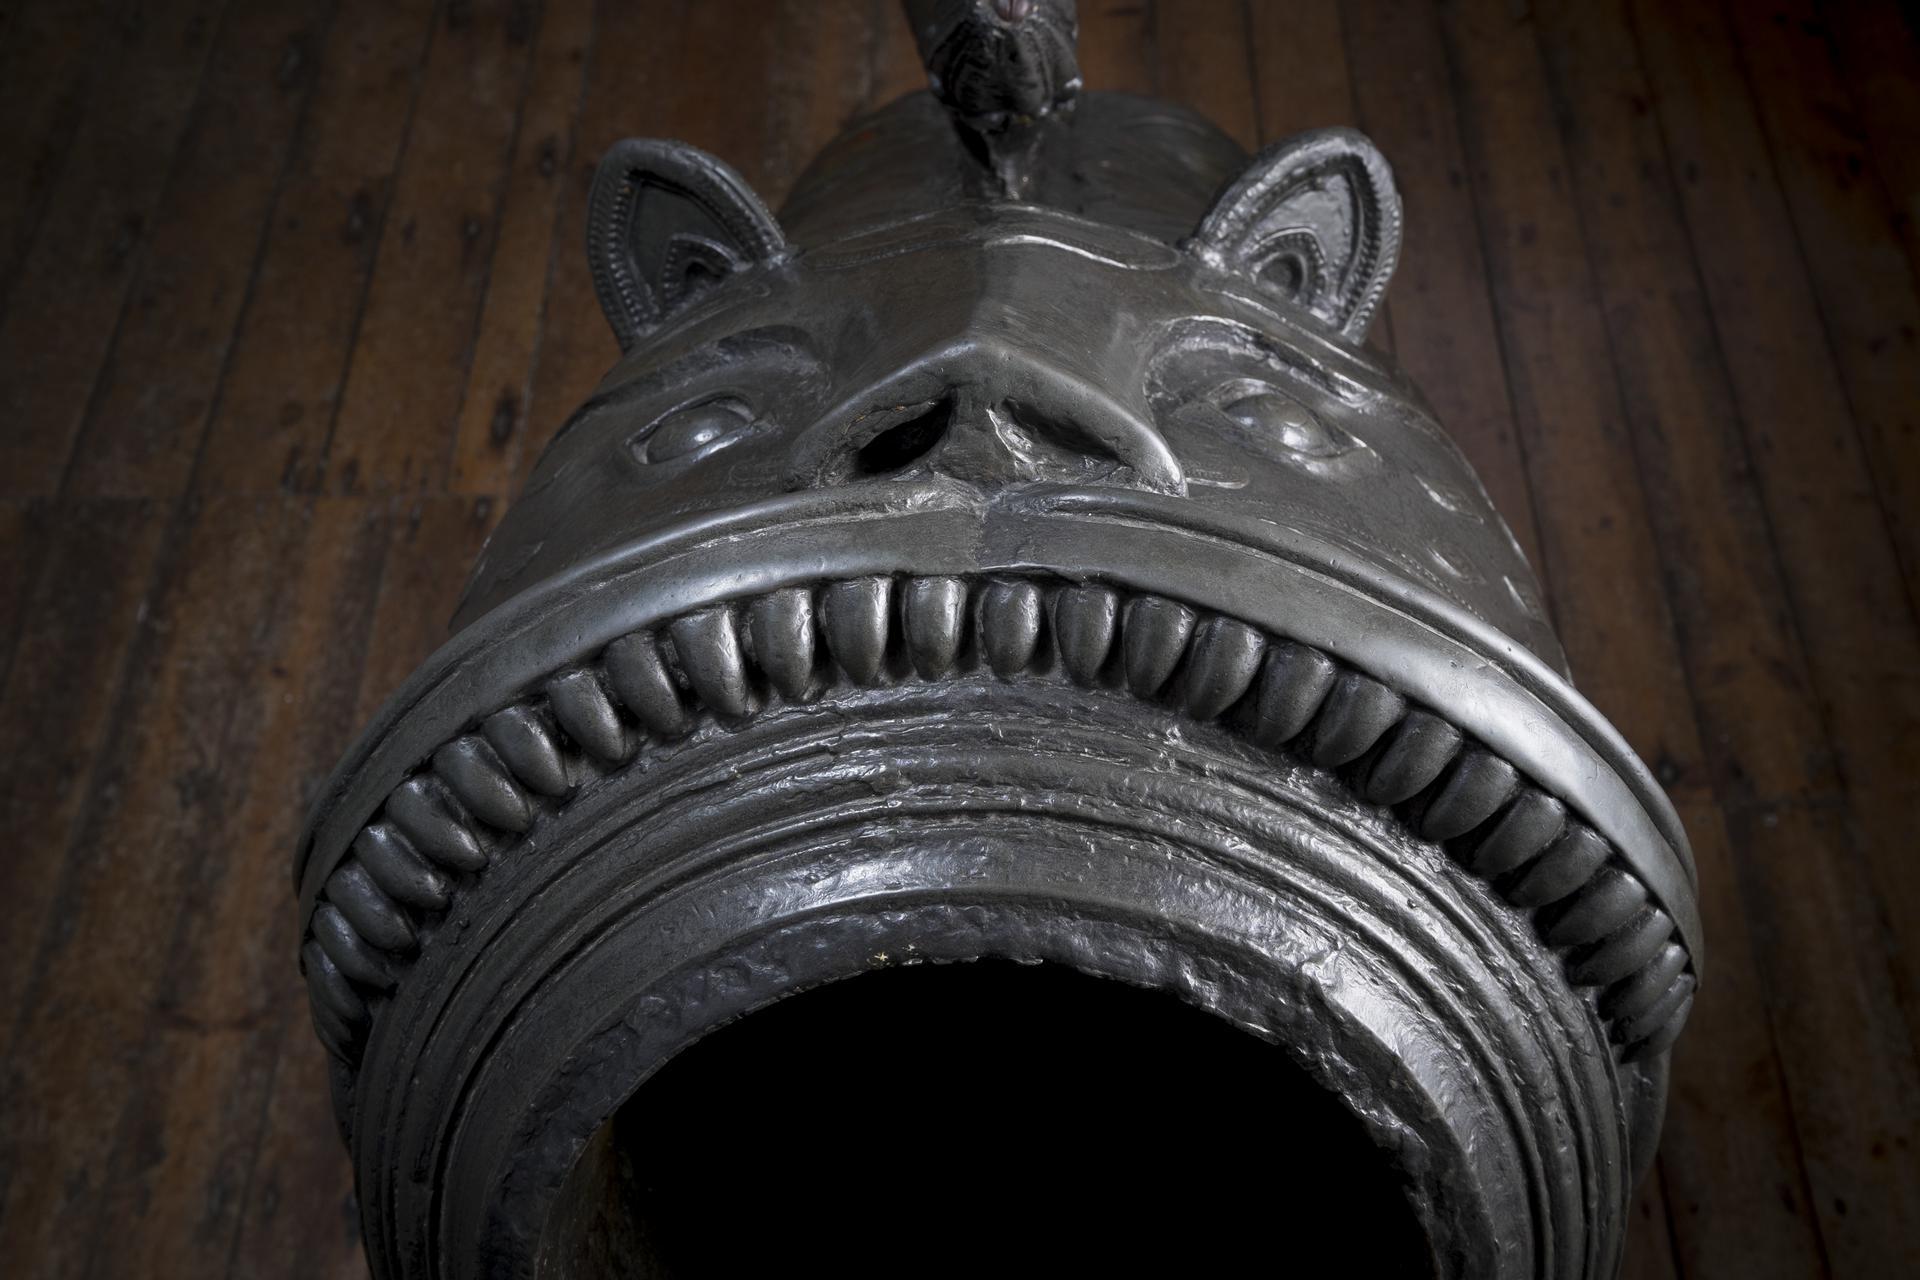 9.4 in mortar Made of bronze XIX.119